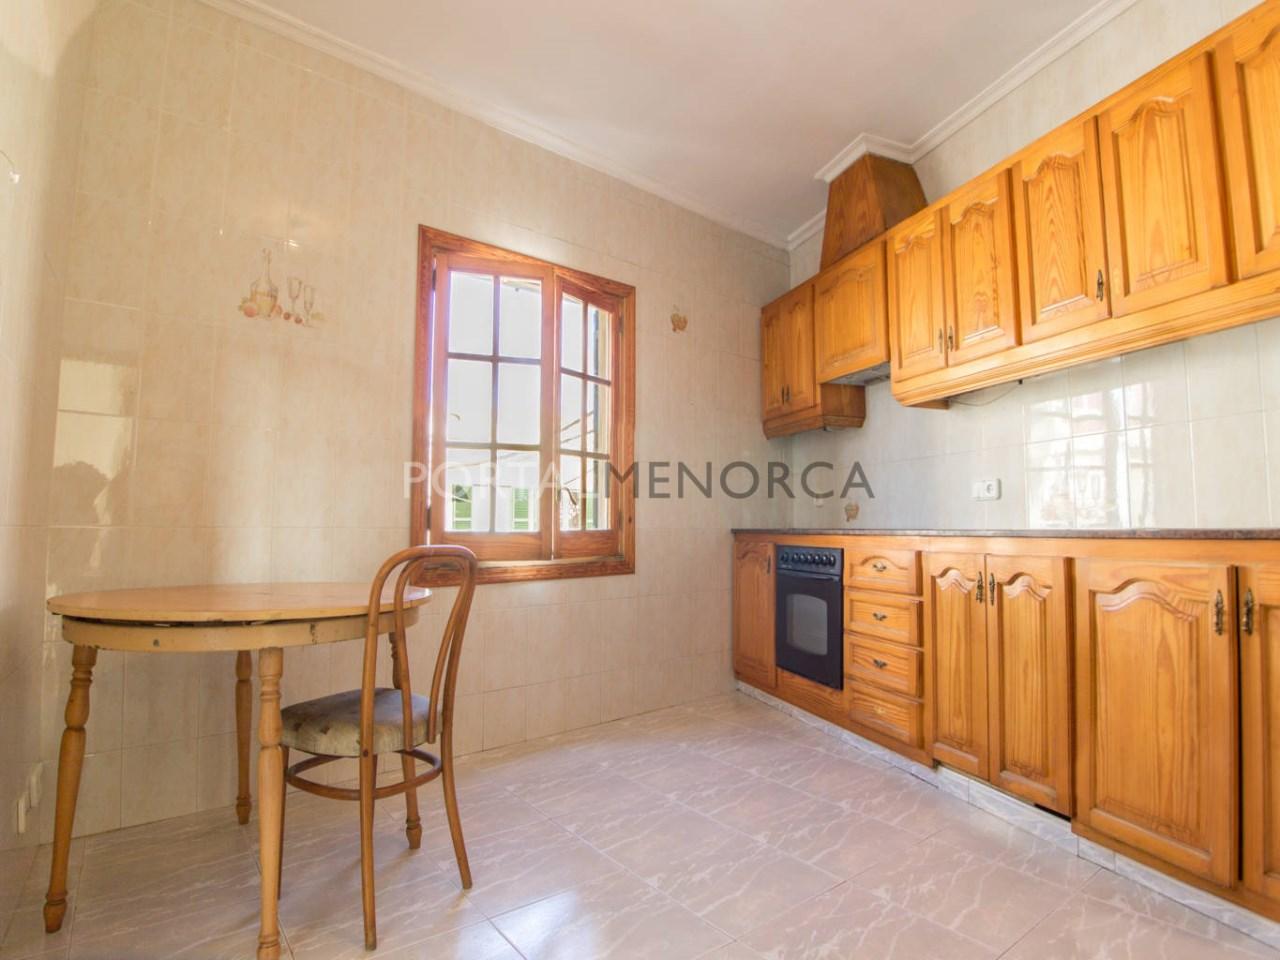 Casa en venta en Alaior (8)